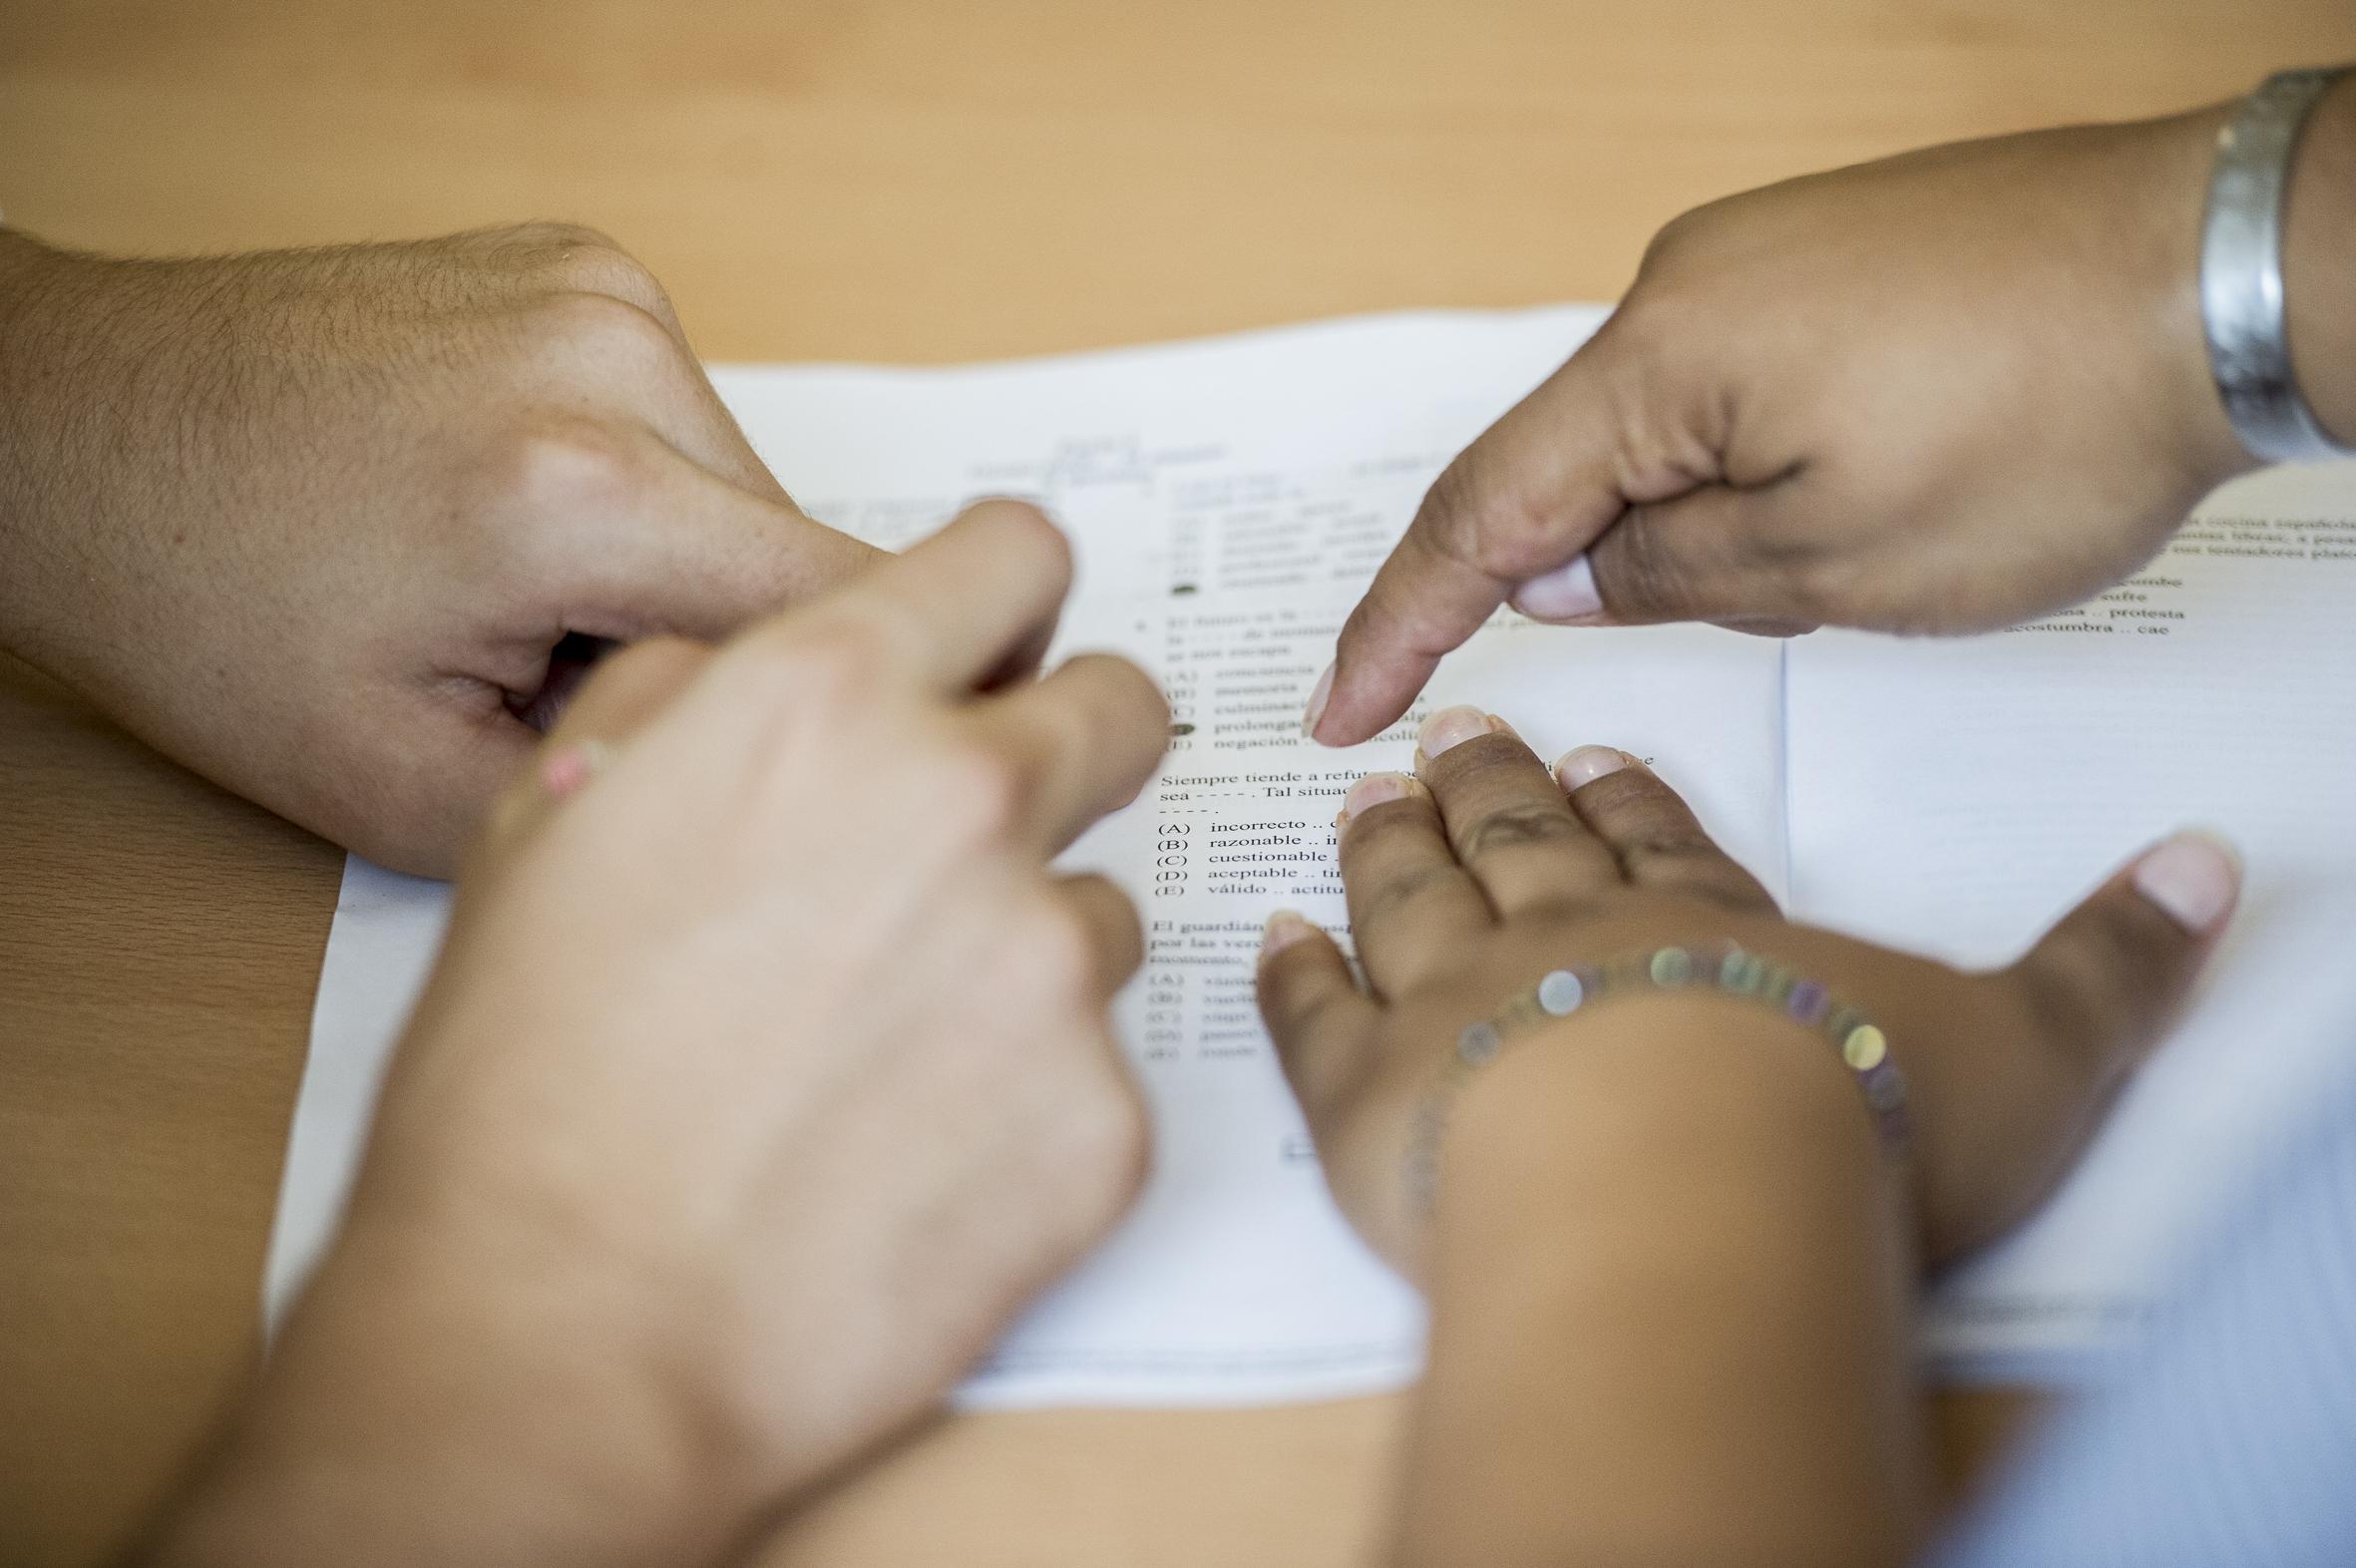 Instructor señalando con su dedo y explicando a aspirante en situación de discapacidad que debe de hacer en el examen.